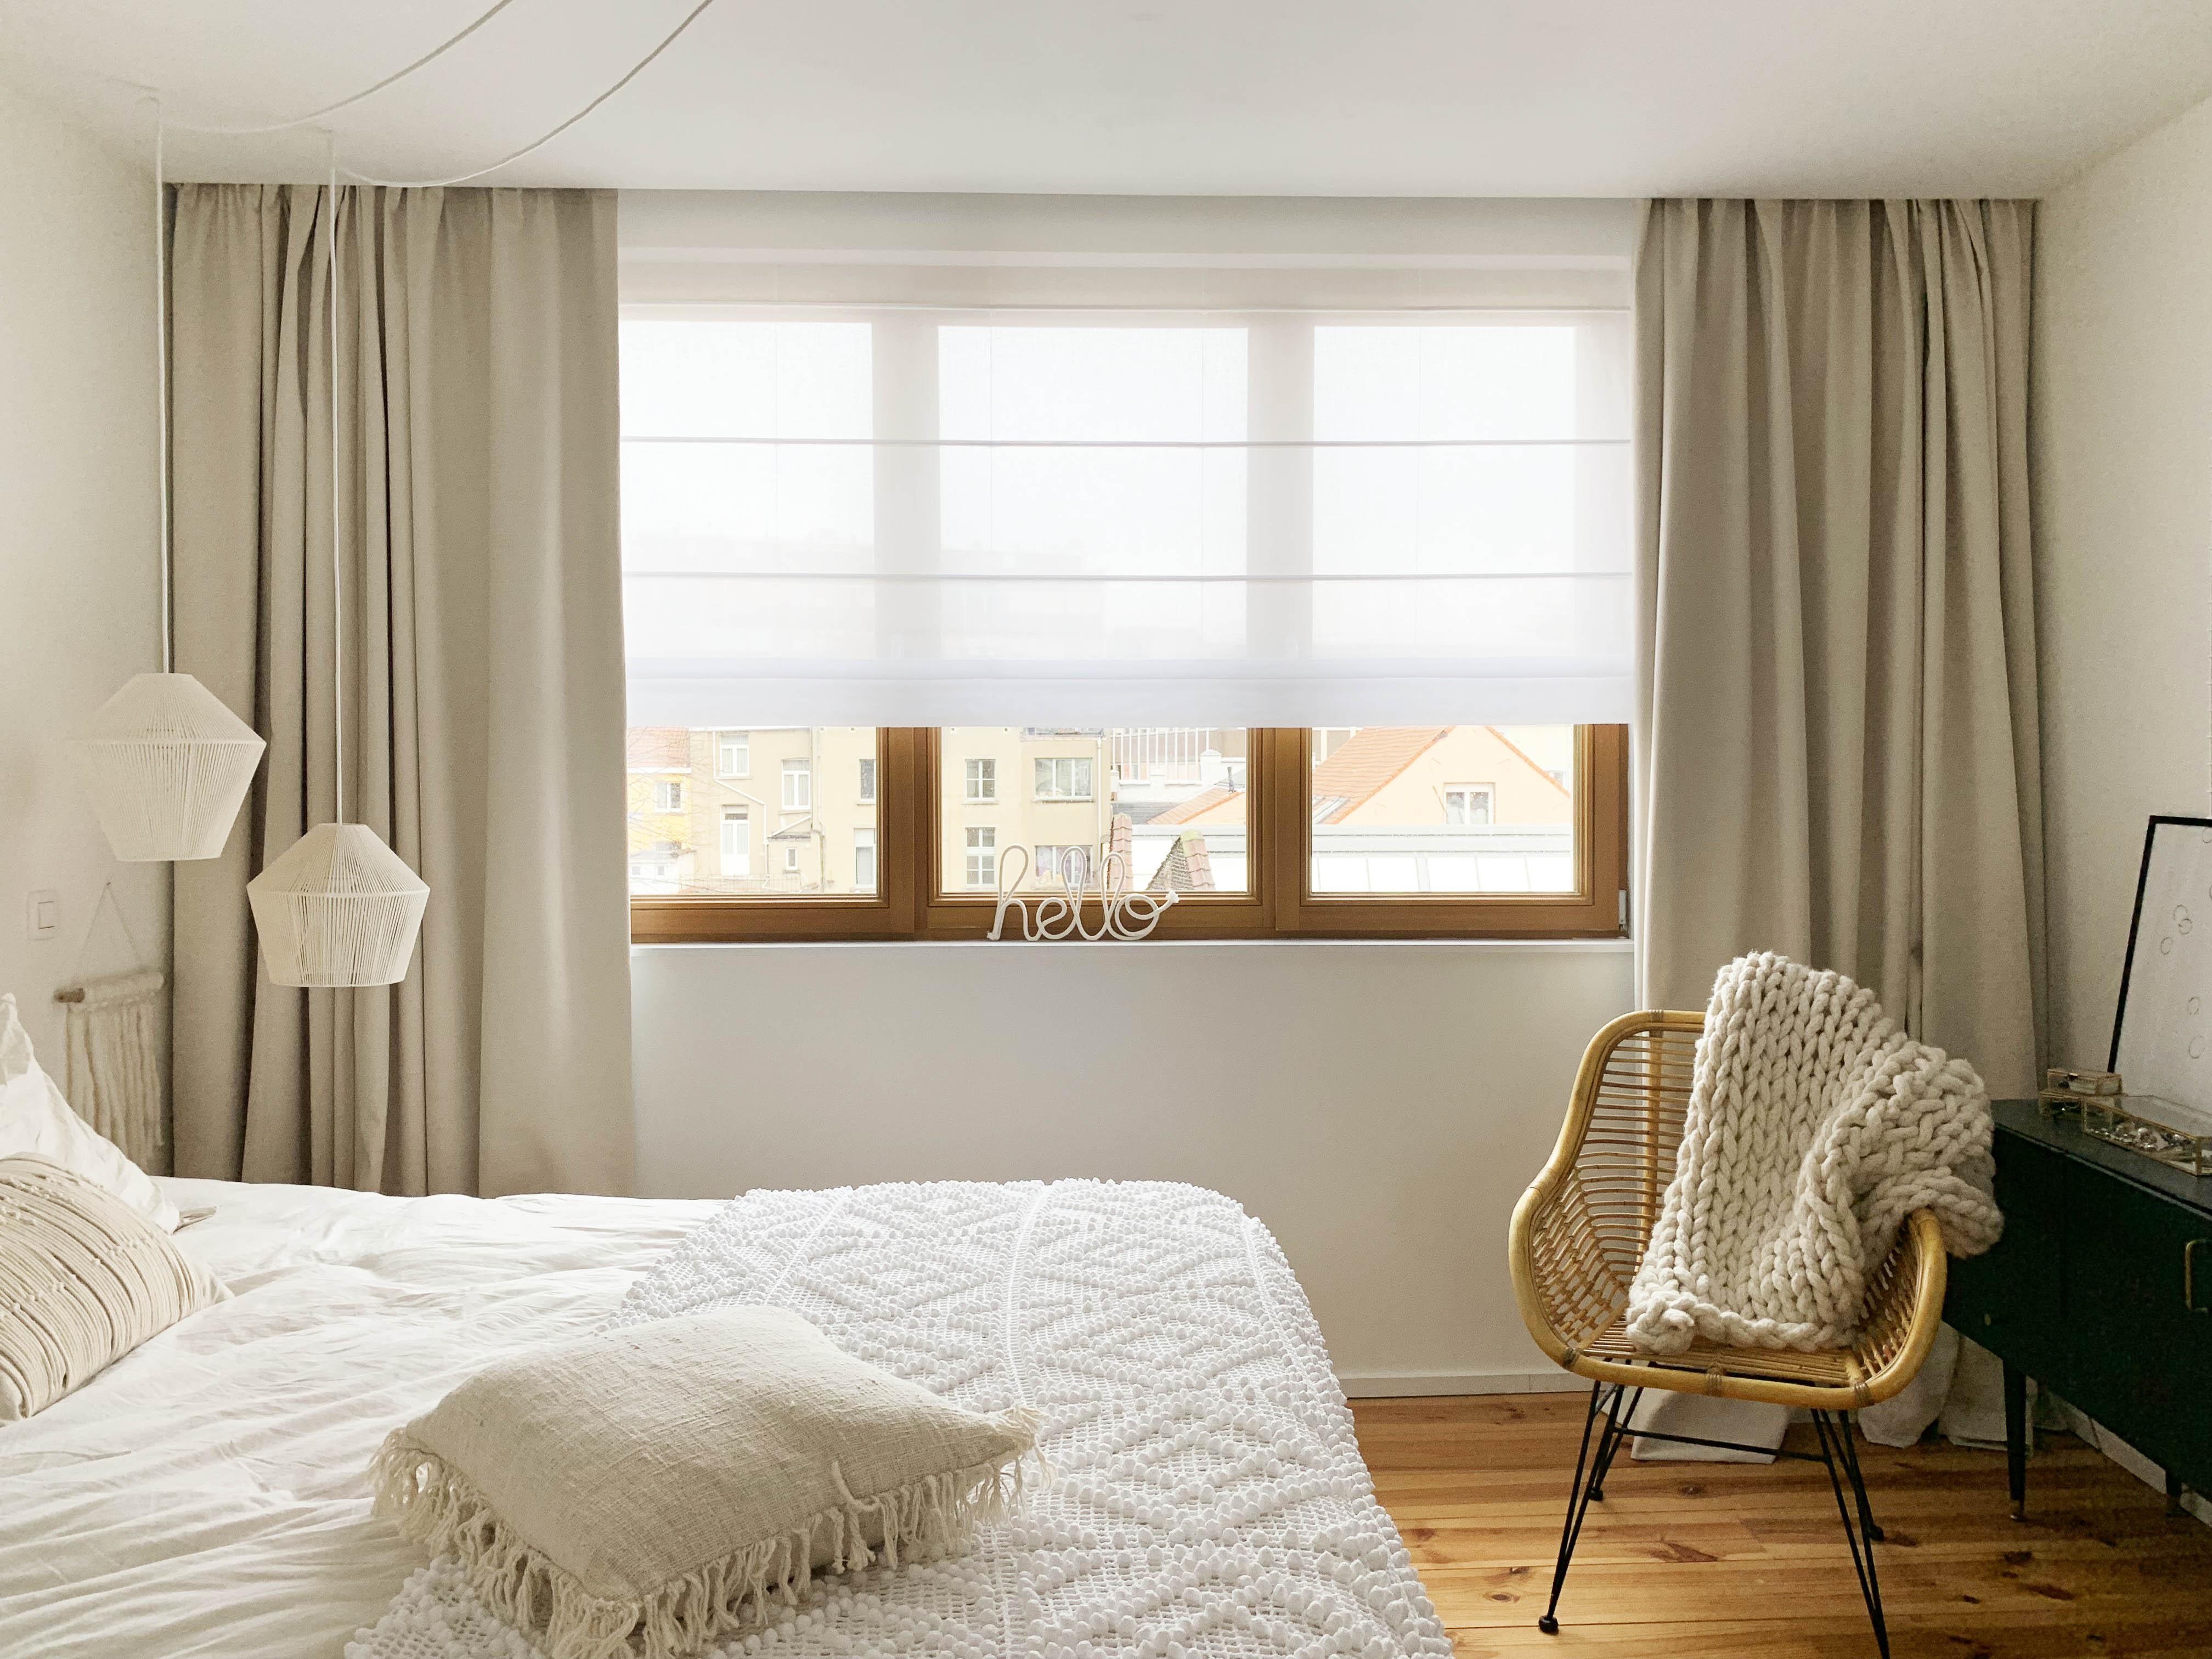 pierre-papier-ciseaux-rideaux-chambre-heytens-apres-mouvement12